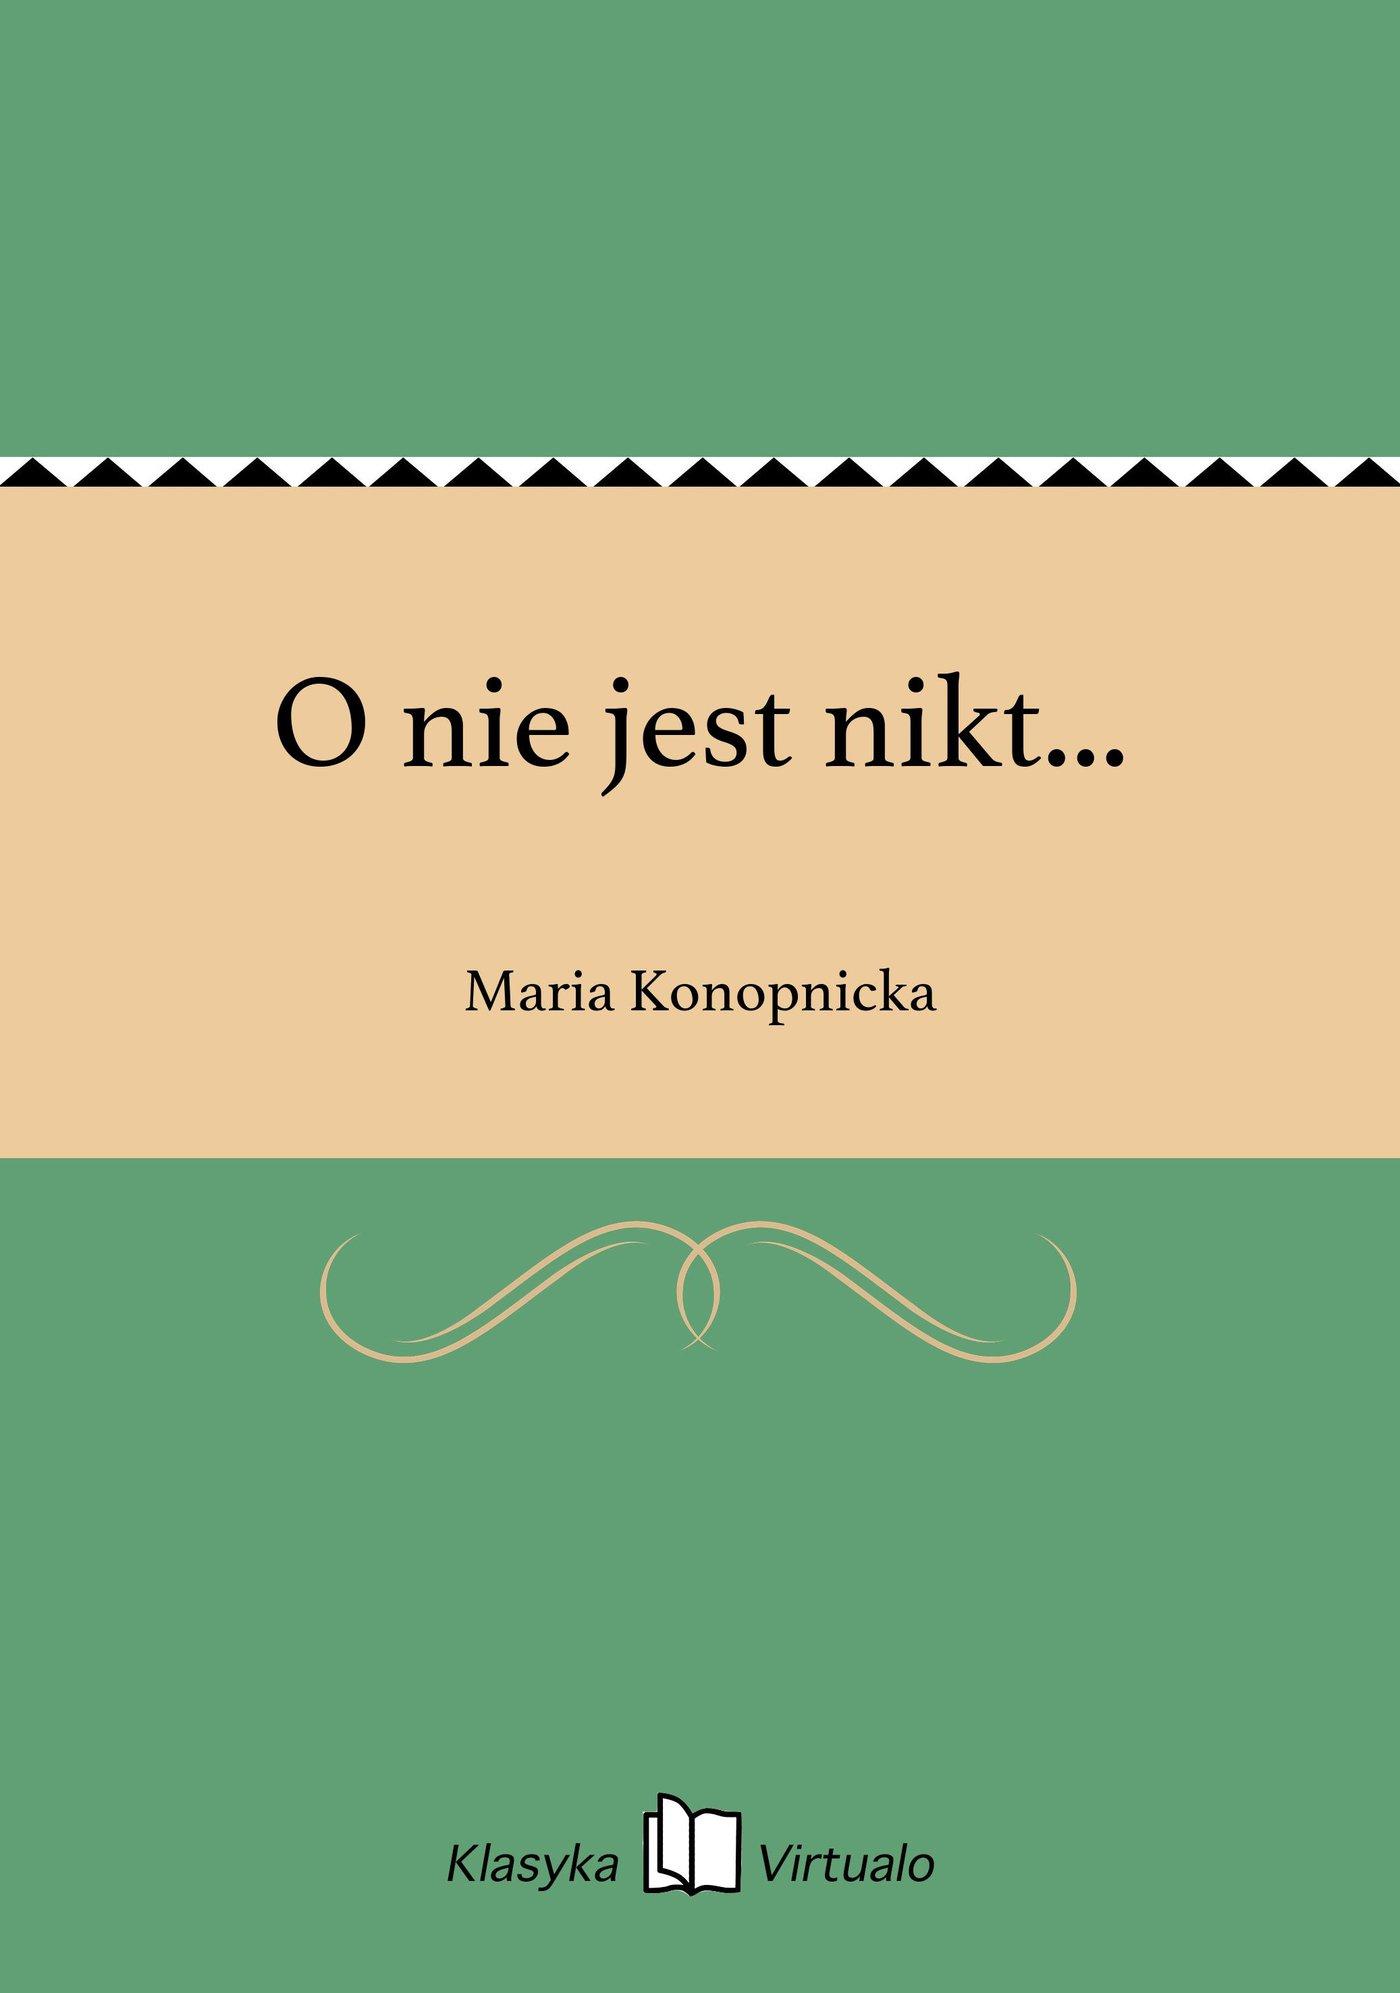 O nie jest nikt... - Ebook (Książka na Kindle) do pobrania w formacie MOBI